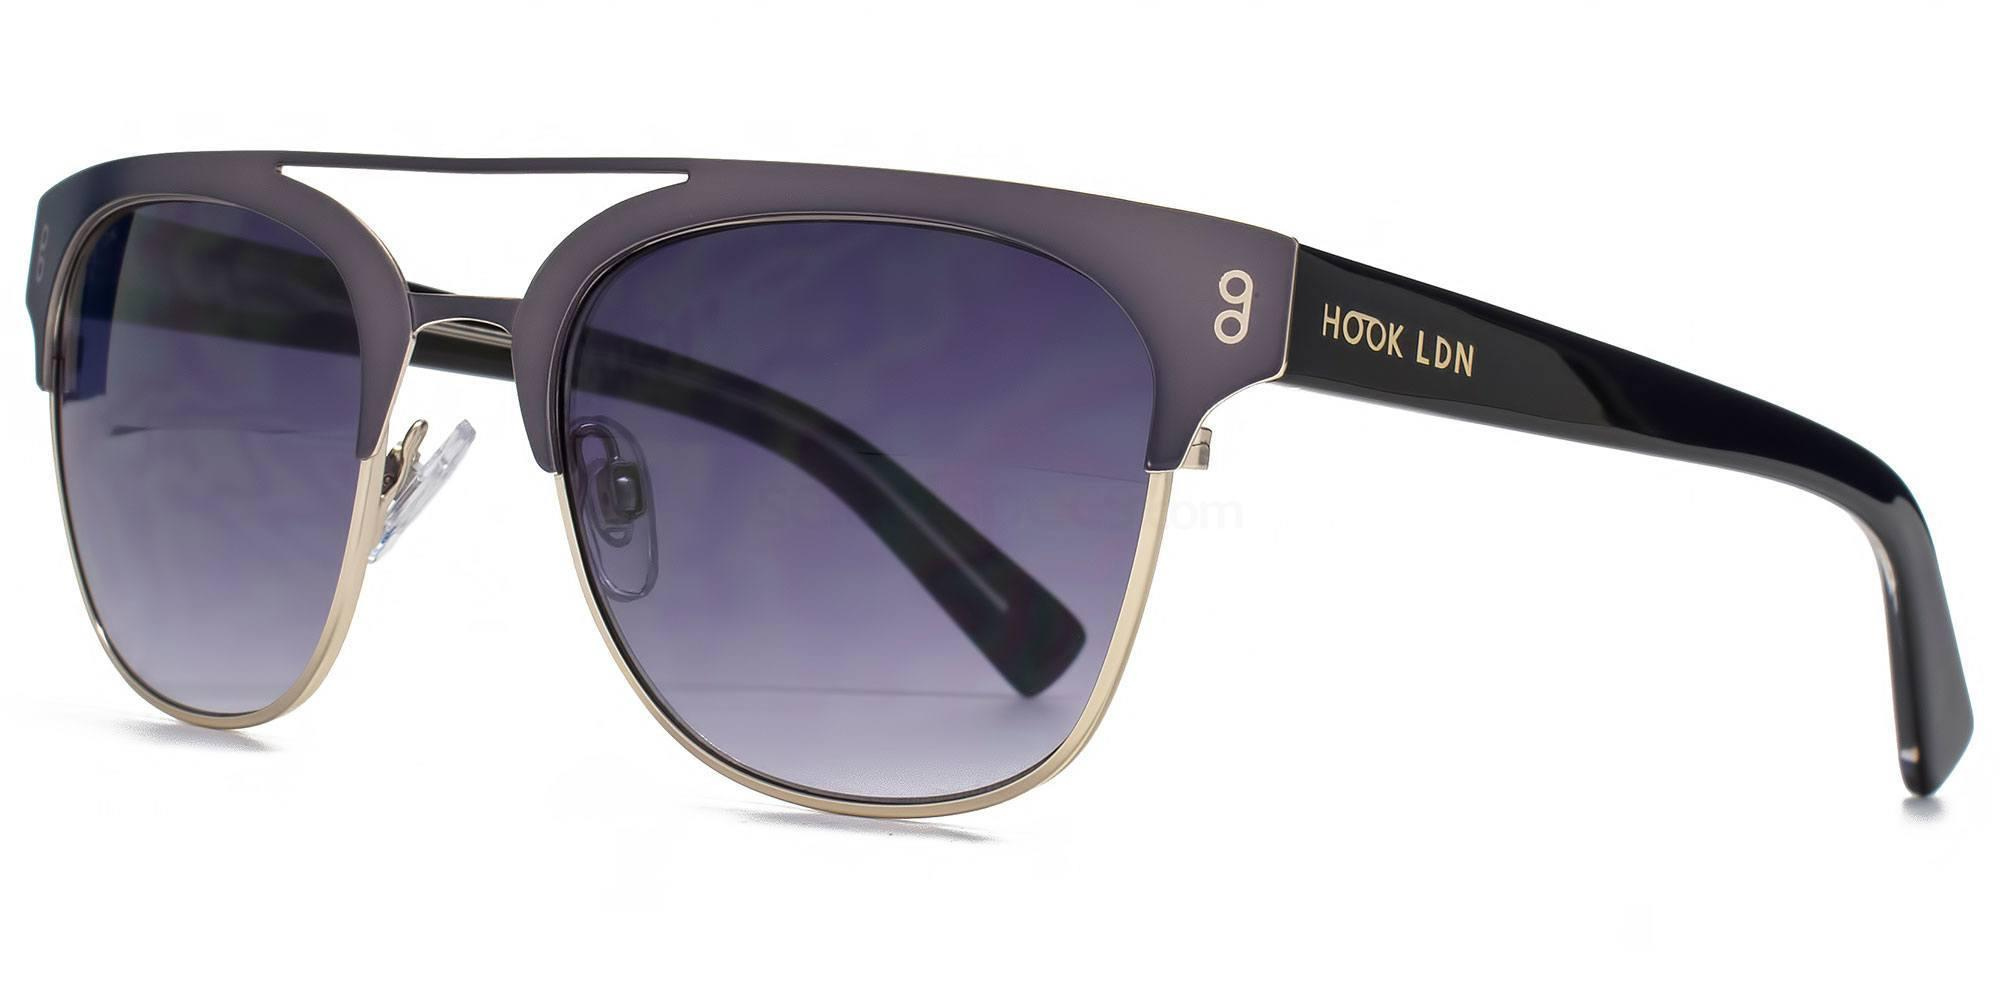 GUN HK005 - FARAWAY Sunglasses, Hook LDN